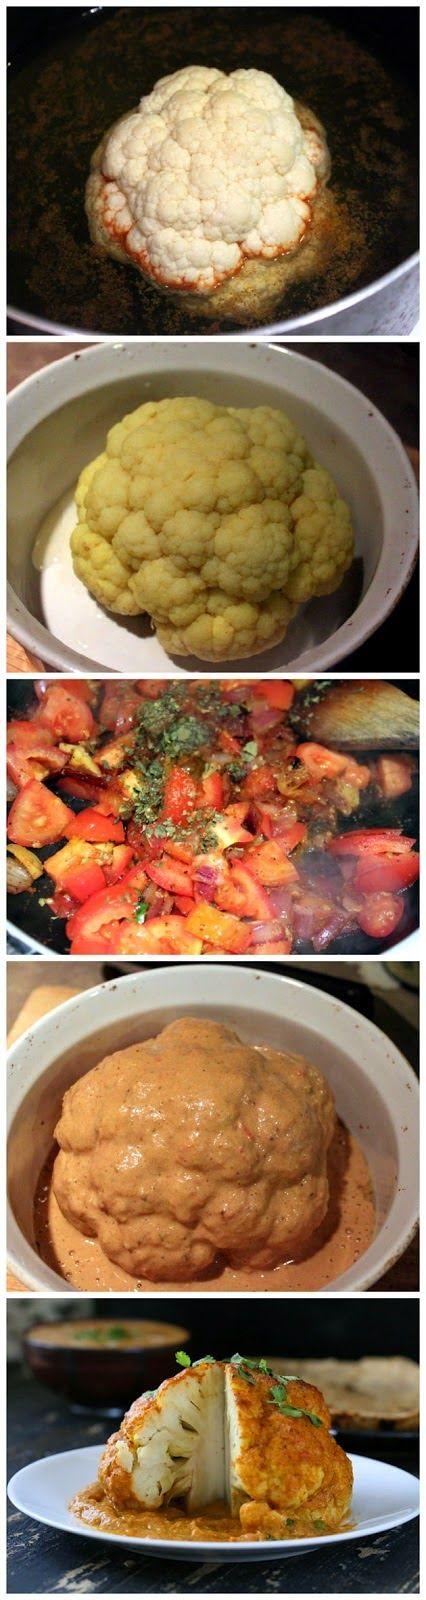 Whole roasted cauliflower - Delicious Recipeez